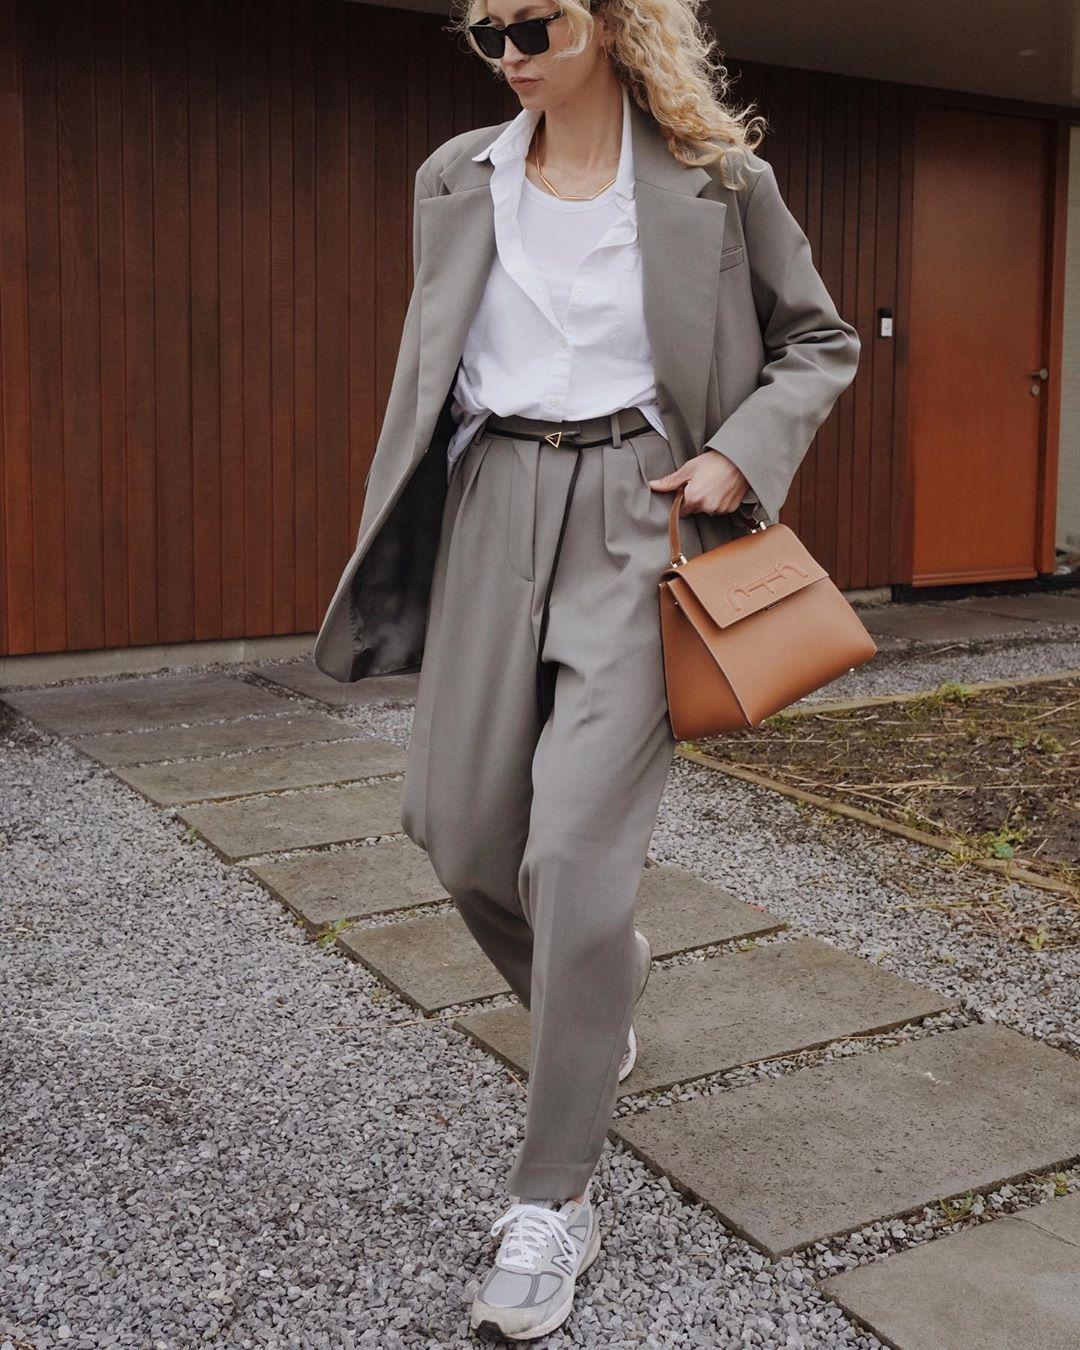 cô gái tóc vàng phối đồ layer với suit xám và áo trắng